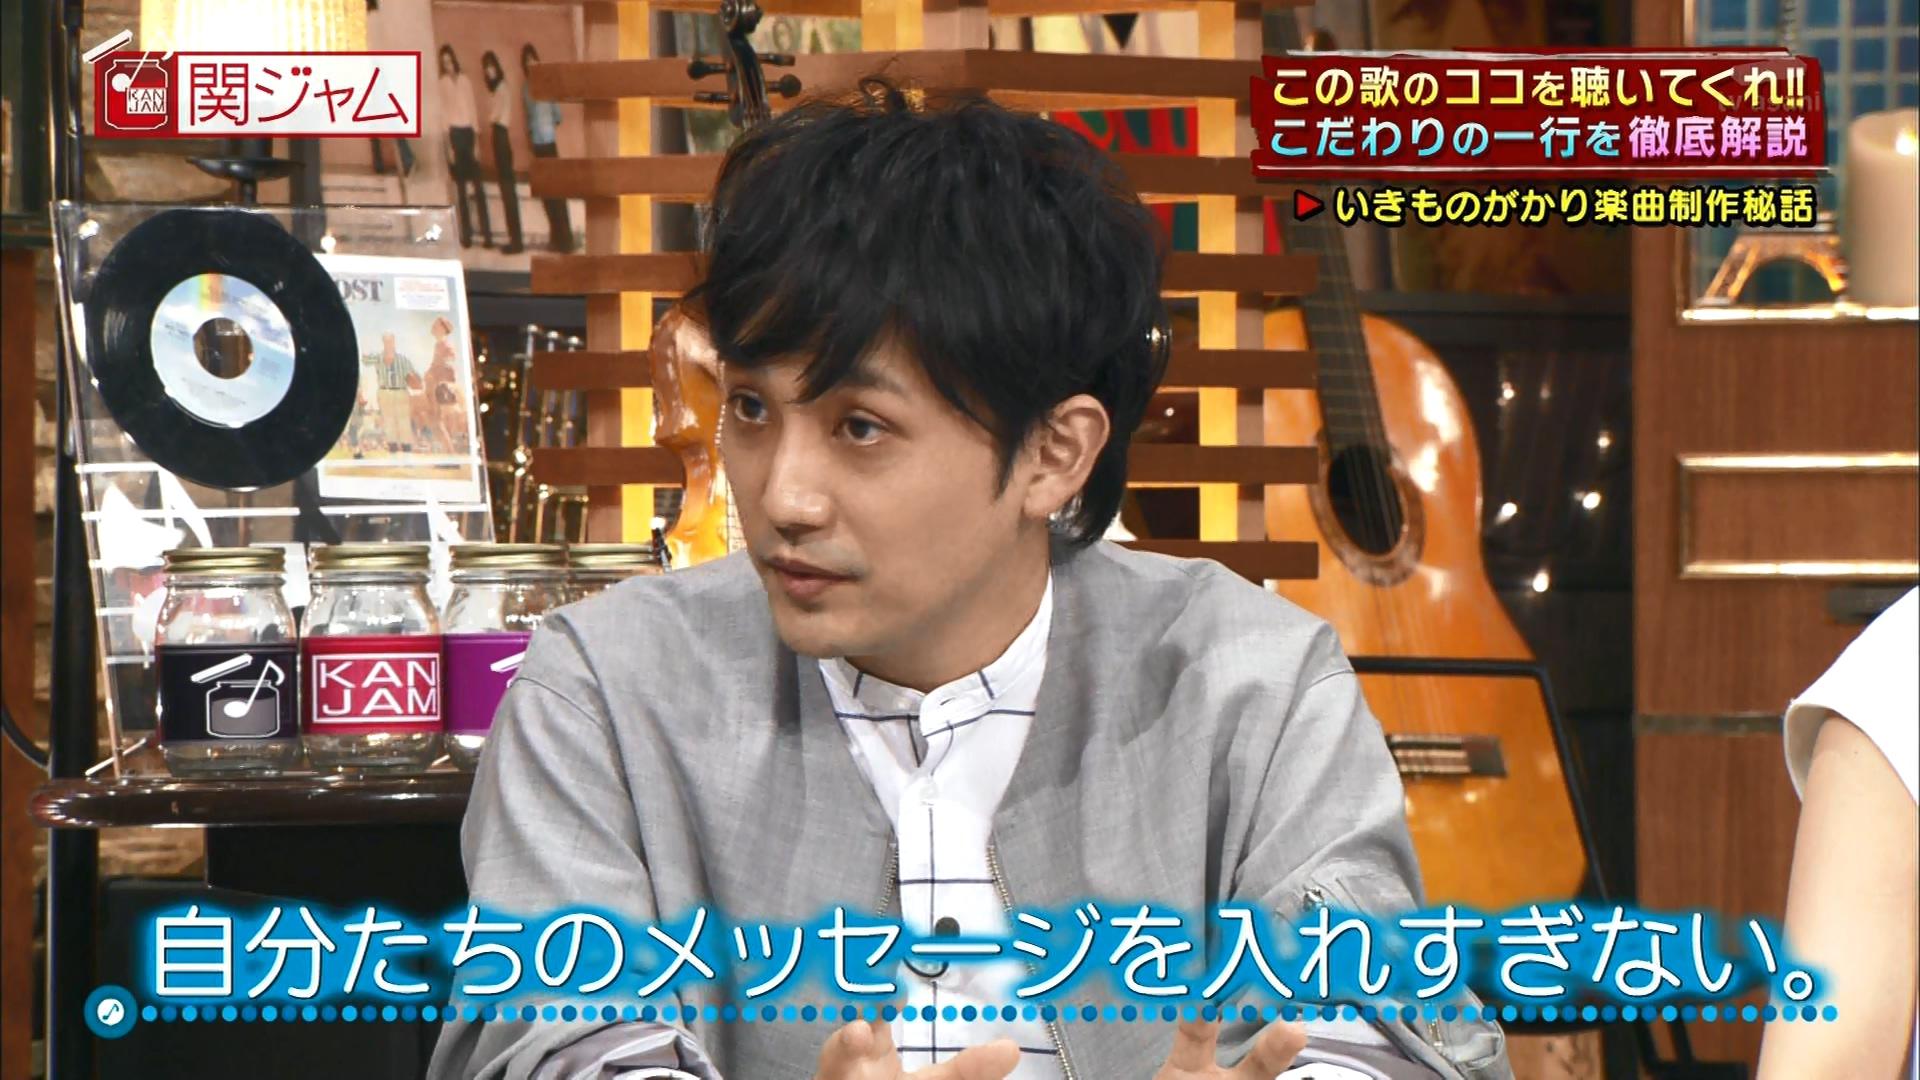 2016.03.13 全場(関ジャム 完全燃SHOW).ts_20160314_024755.005